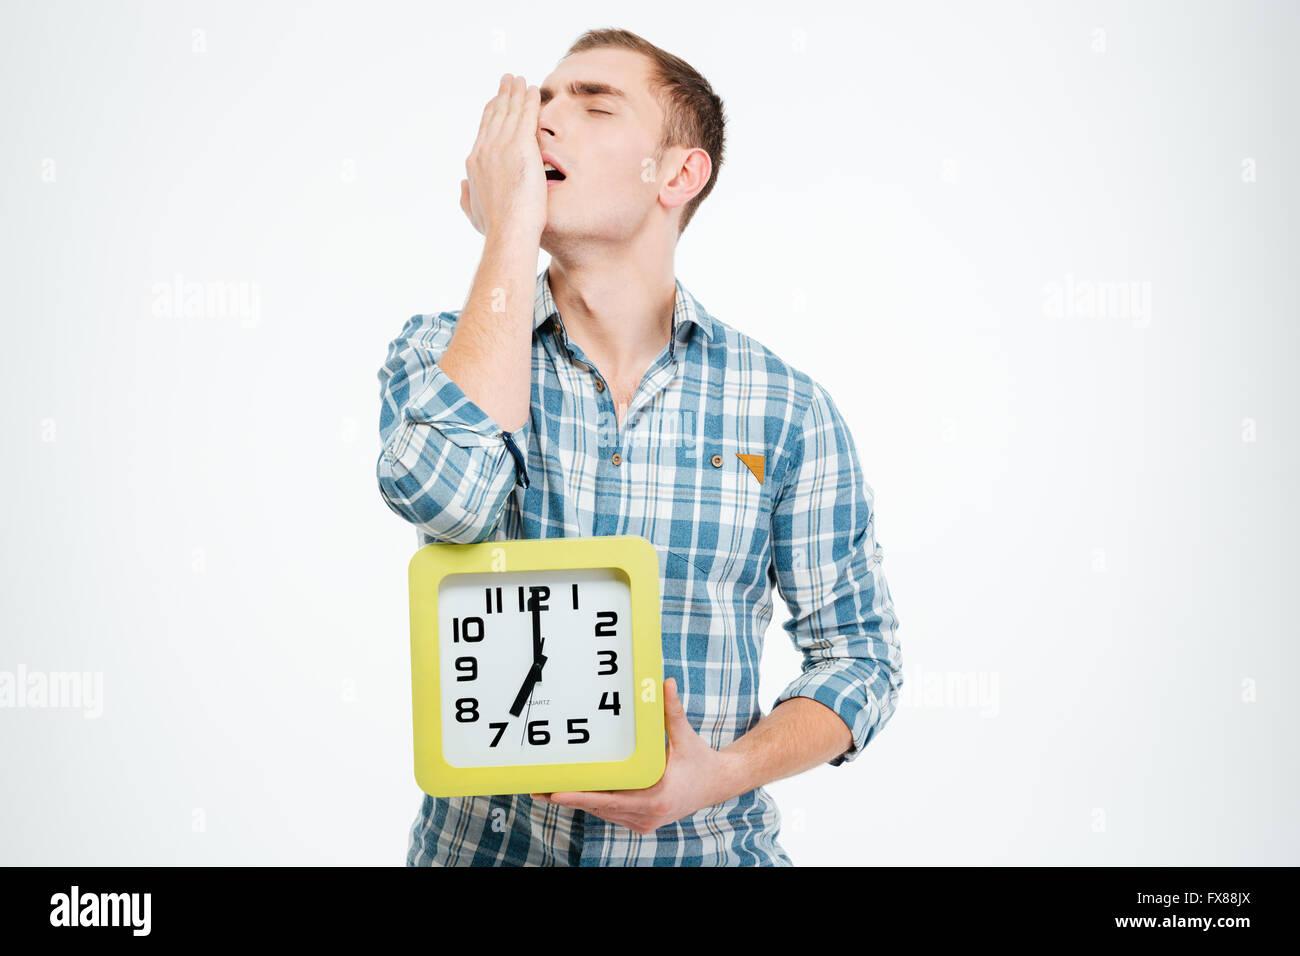 Sleepy tired man yawning and holding clock over white background - Stock Image